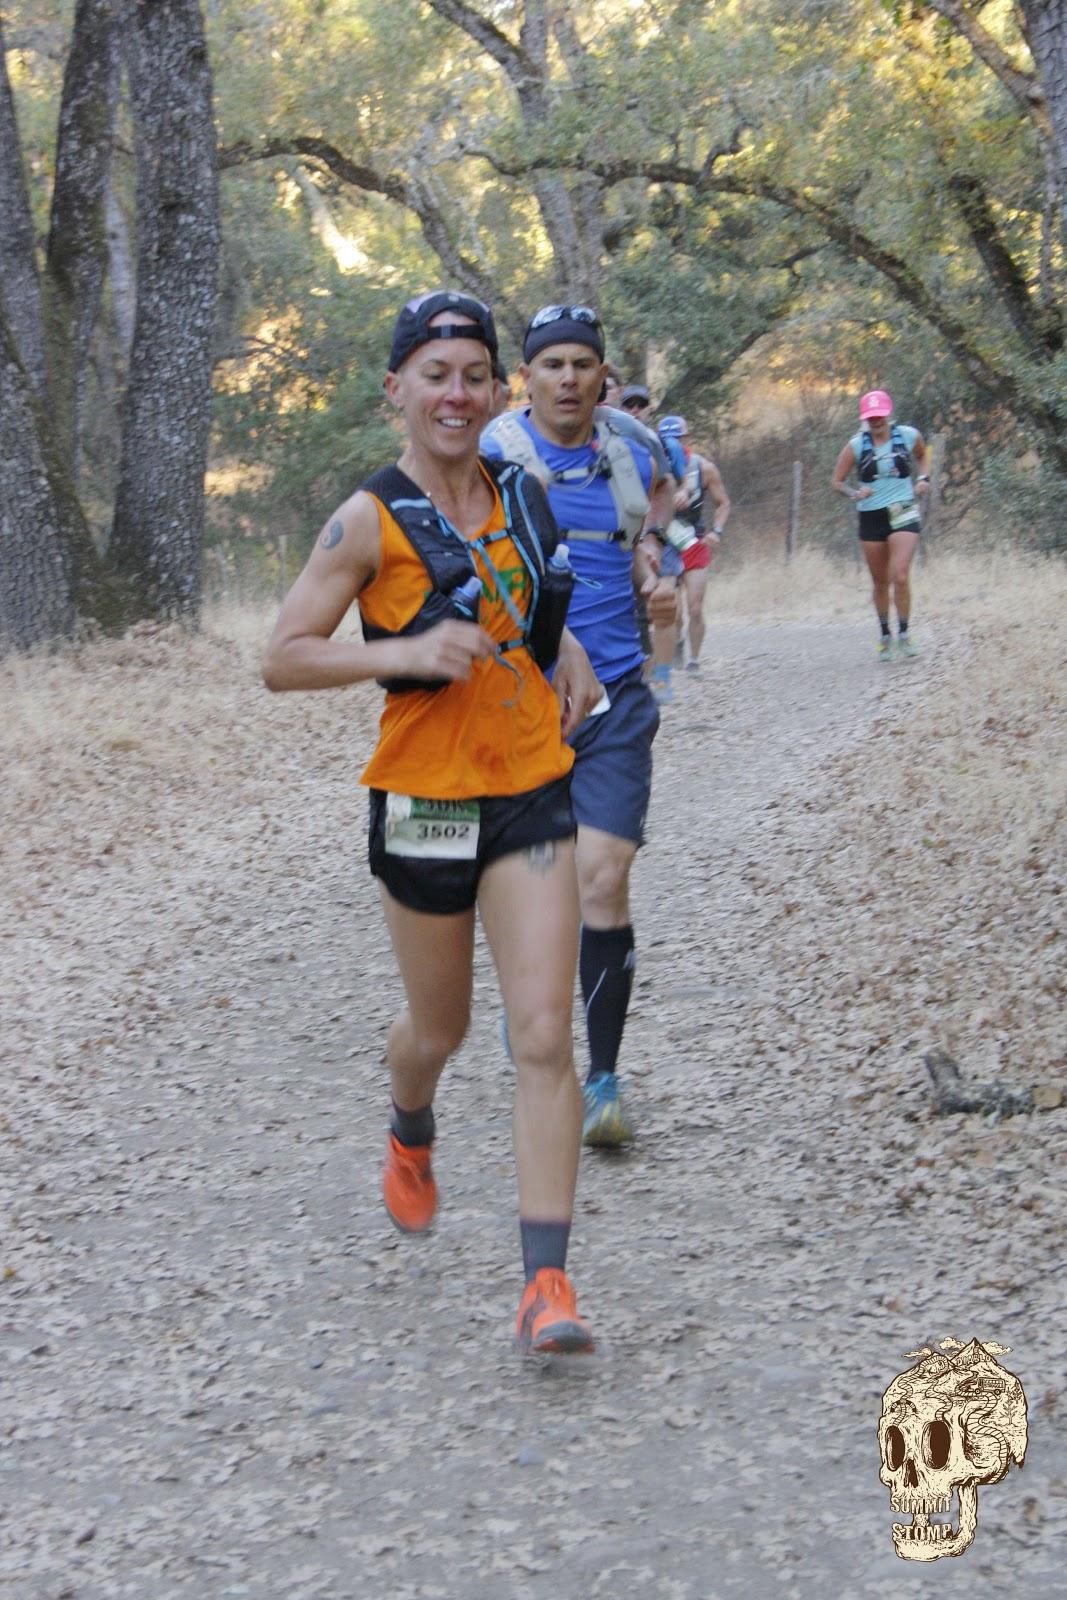 Erin-Vancellette-Ultra-Marathon-Coach-2.jpg